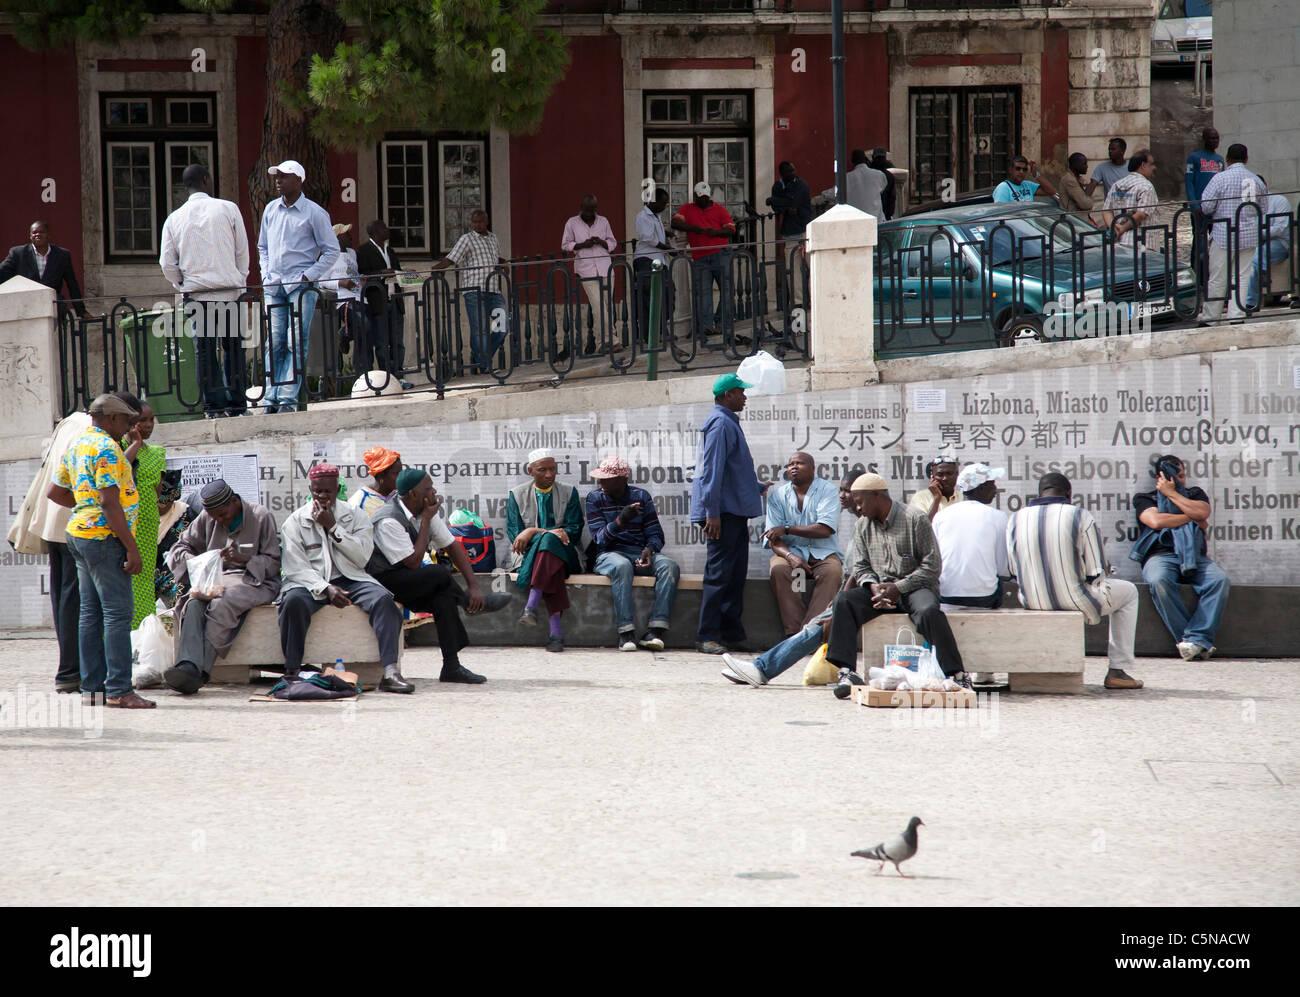 Plaza de São Domingos lugar de encuentro para los grupos étnicos en Lisboa. Imagen De Stock